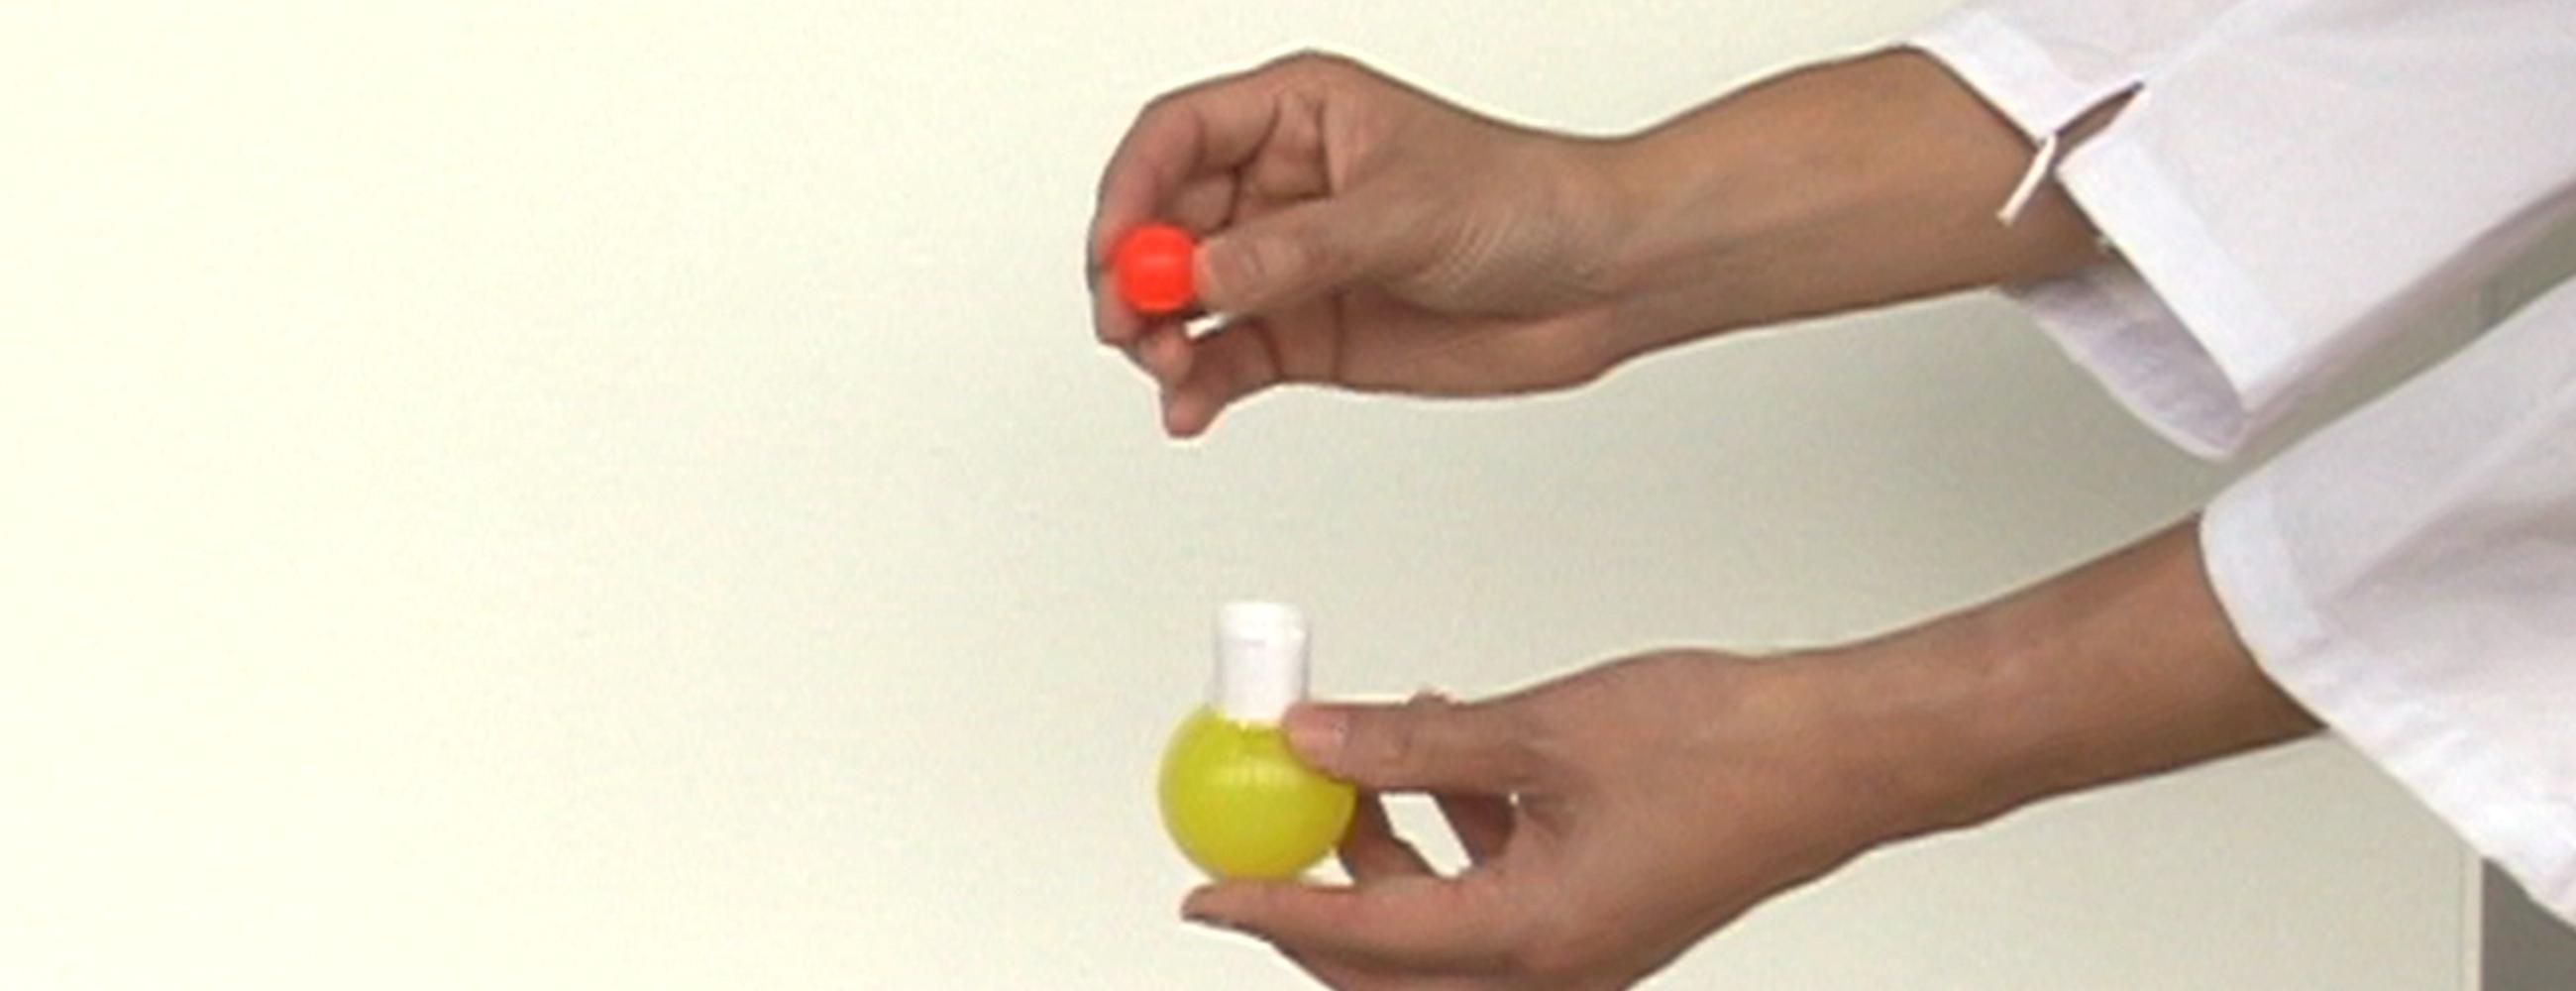 実験 2段式スーパーボール